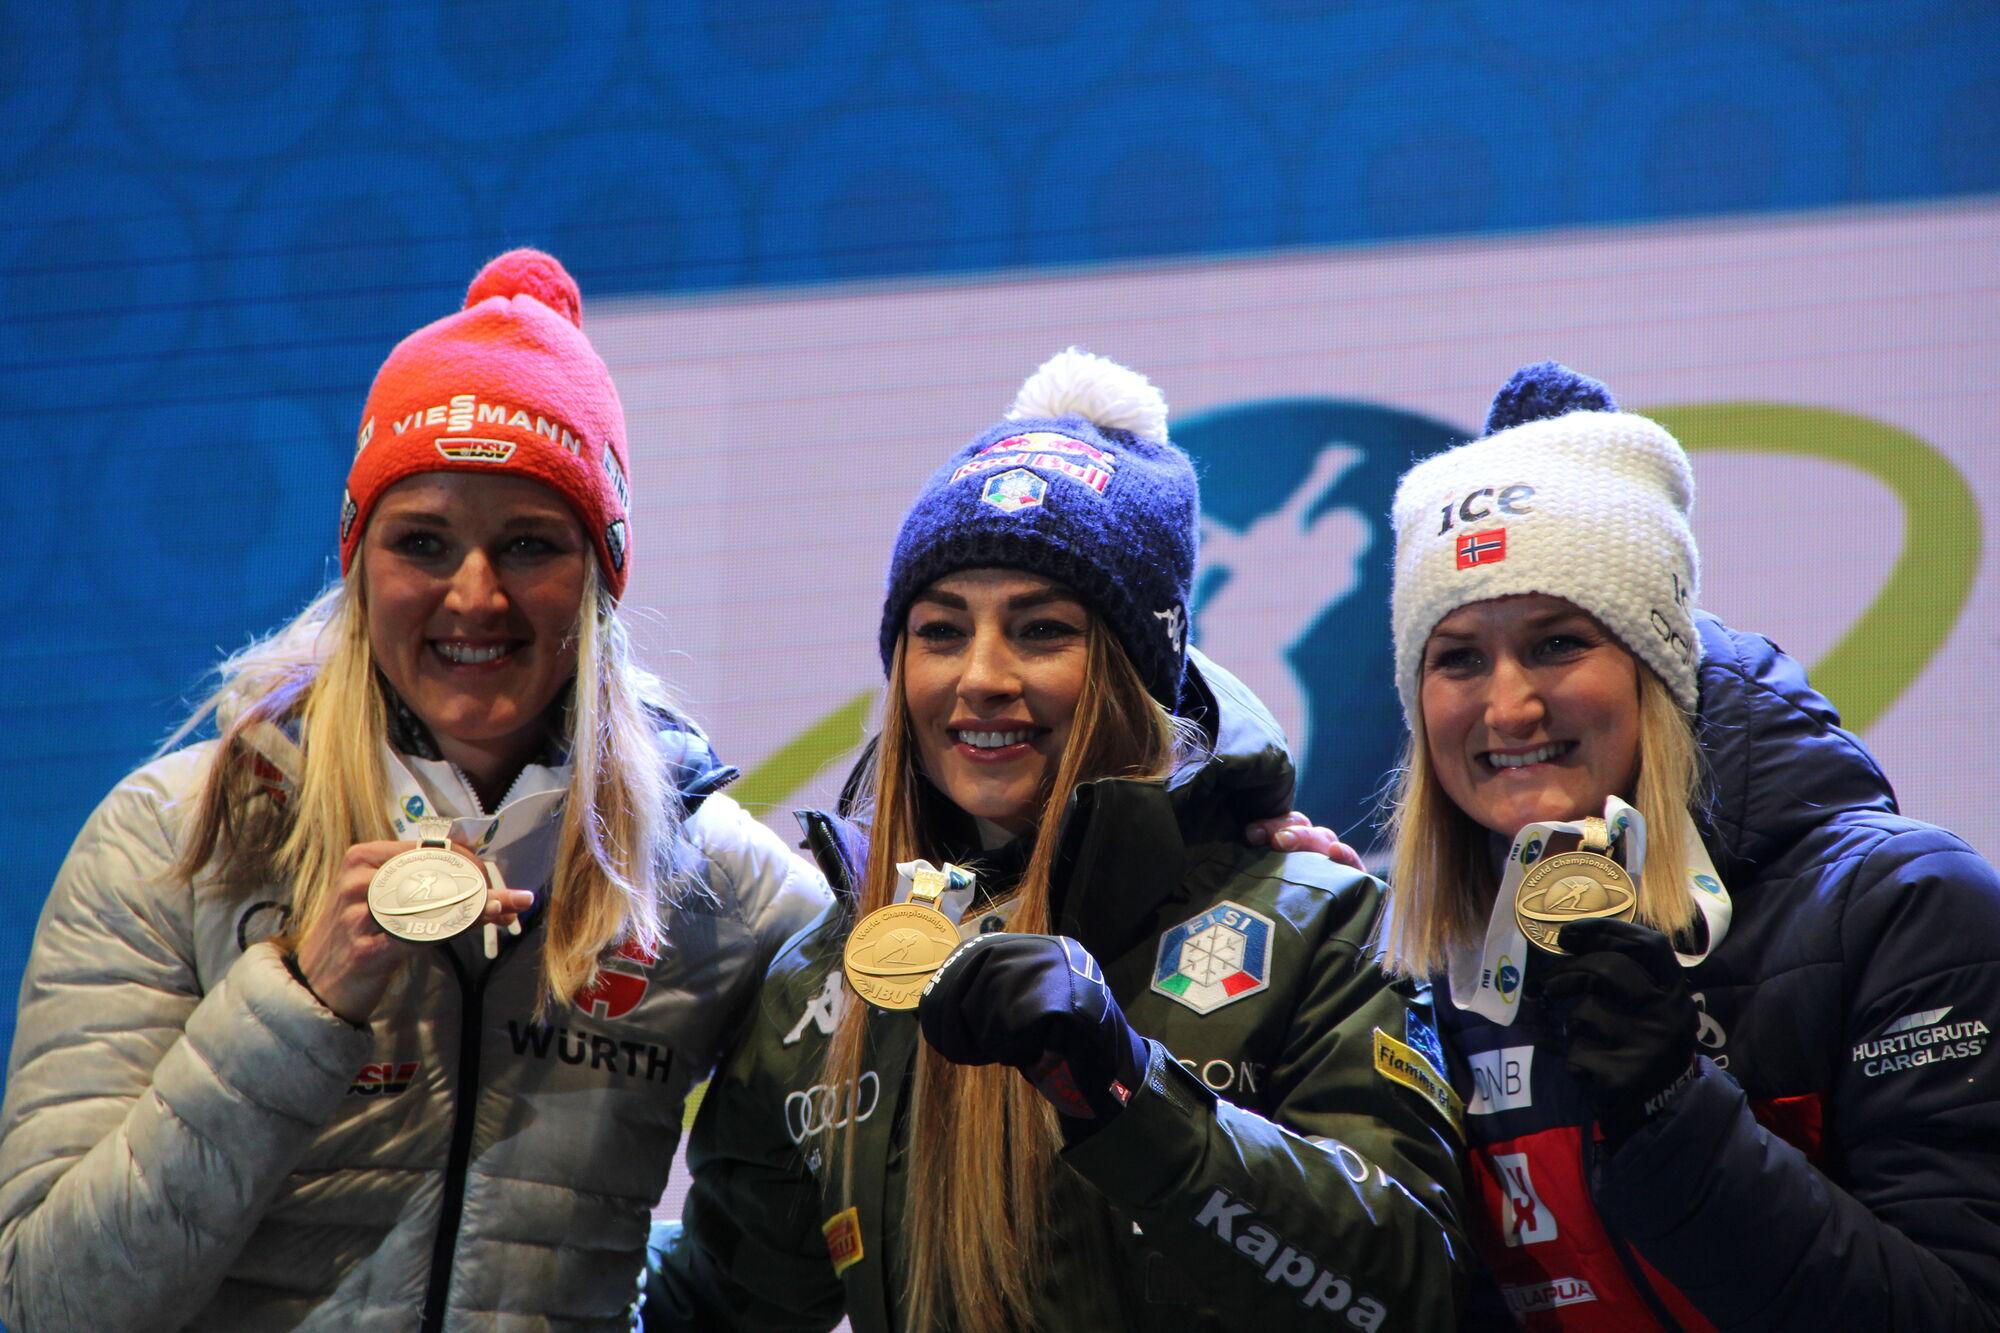 """Доротея Вірер (в центрі) із """"золотом"""" ЧС разом із німкенею Деніз Херманн та норвежкою Марте Олбю-Ройселанд"""